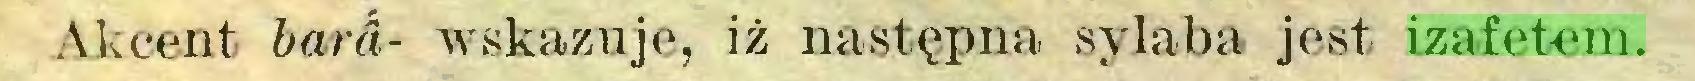 (...) Akcent bard- wskazuje, iż następna sylaba jest izafetem...